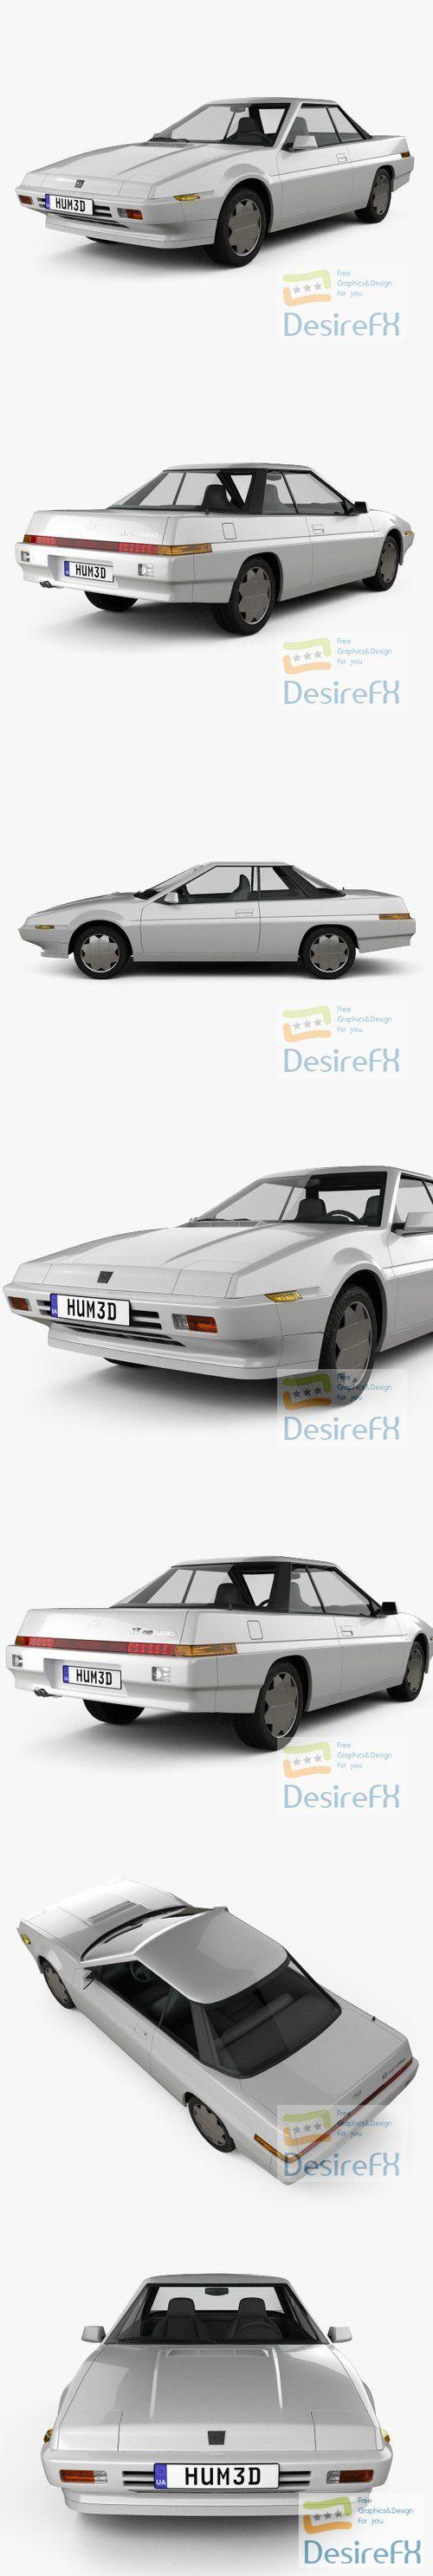 Subaru XT 1985 3D Model